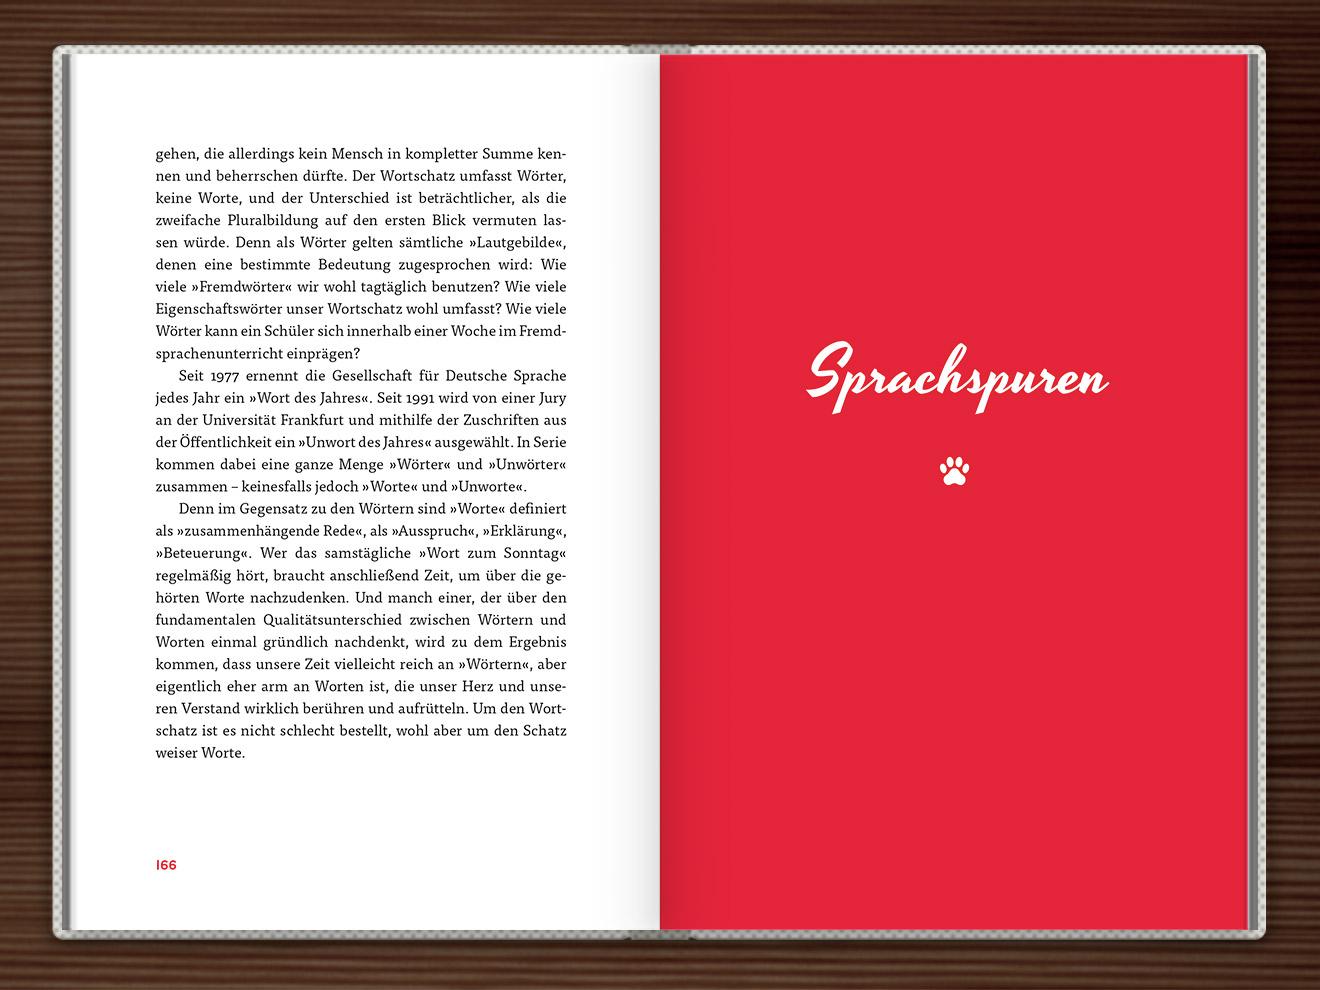 Sprachspuren im Buch Du hast das Wort, Schätzchen! 100 charmante Geschichten rund um die Sprache im Duden Verlag von Rita Mielke mit Illustrationen im Sixties-Stil von Iris Luckhaus